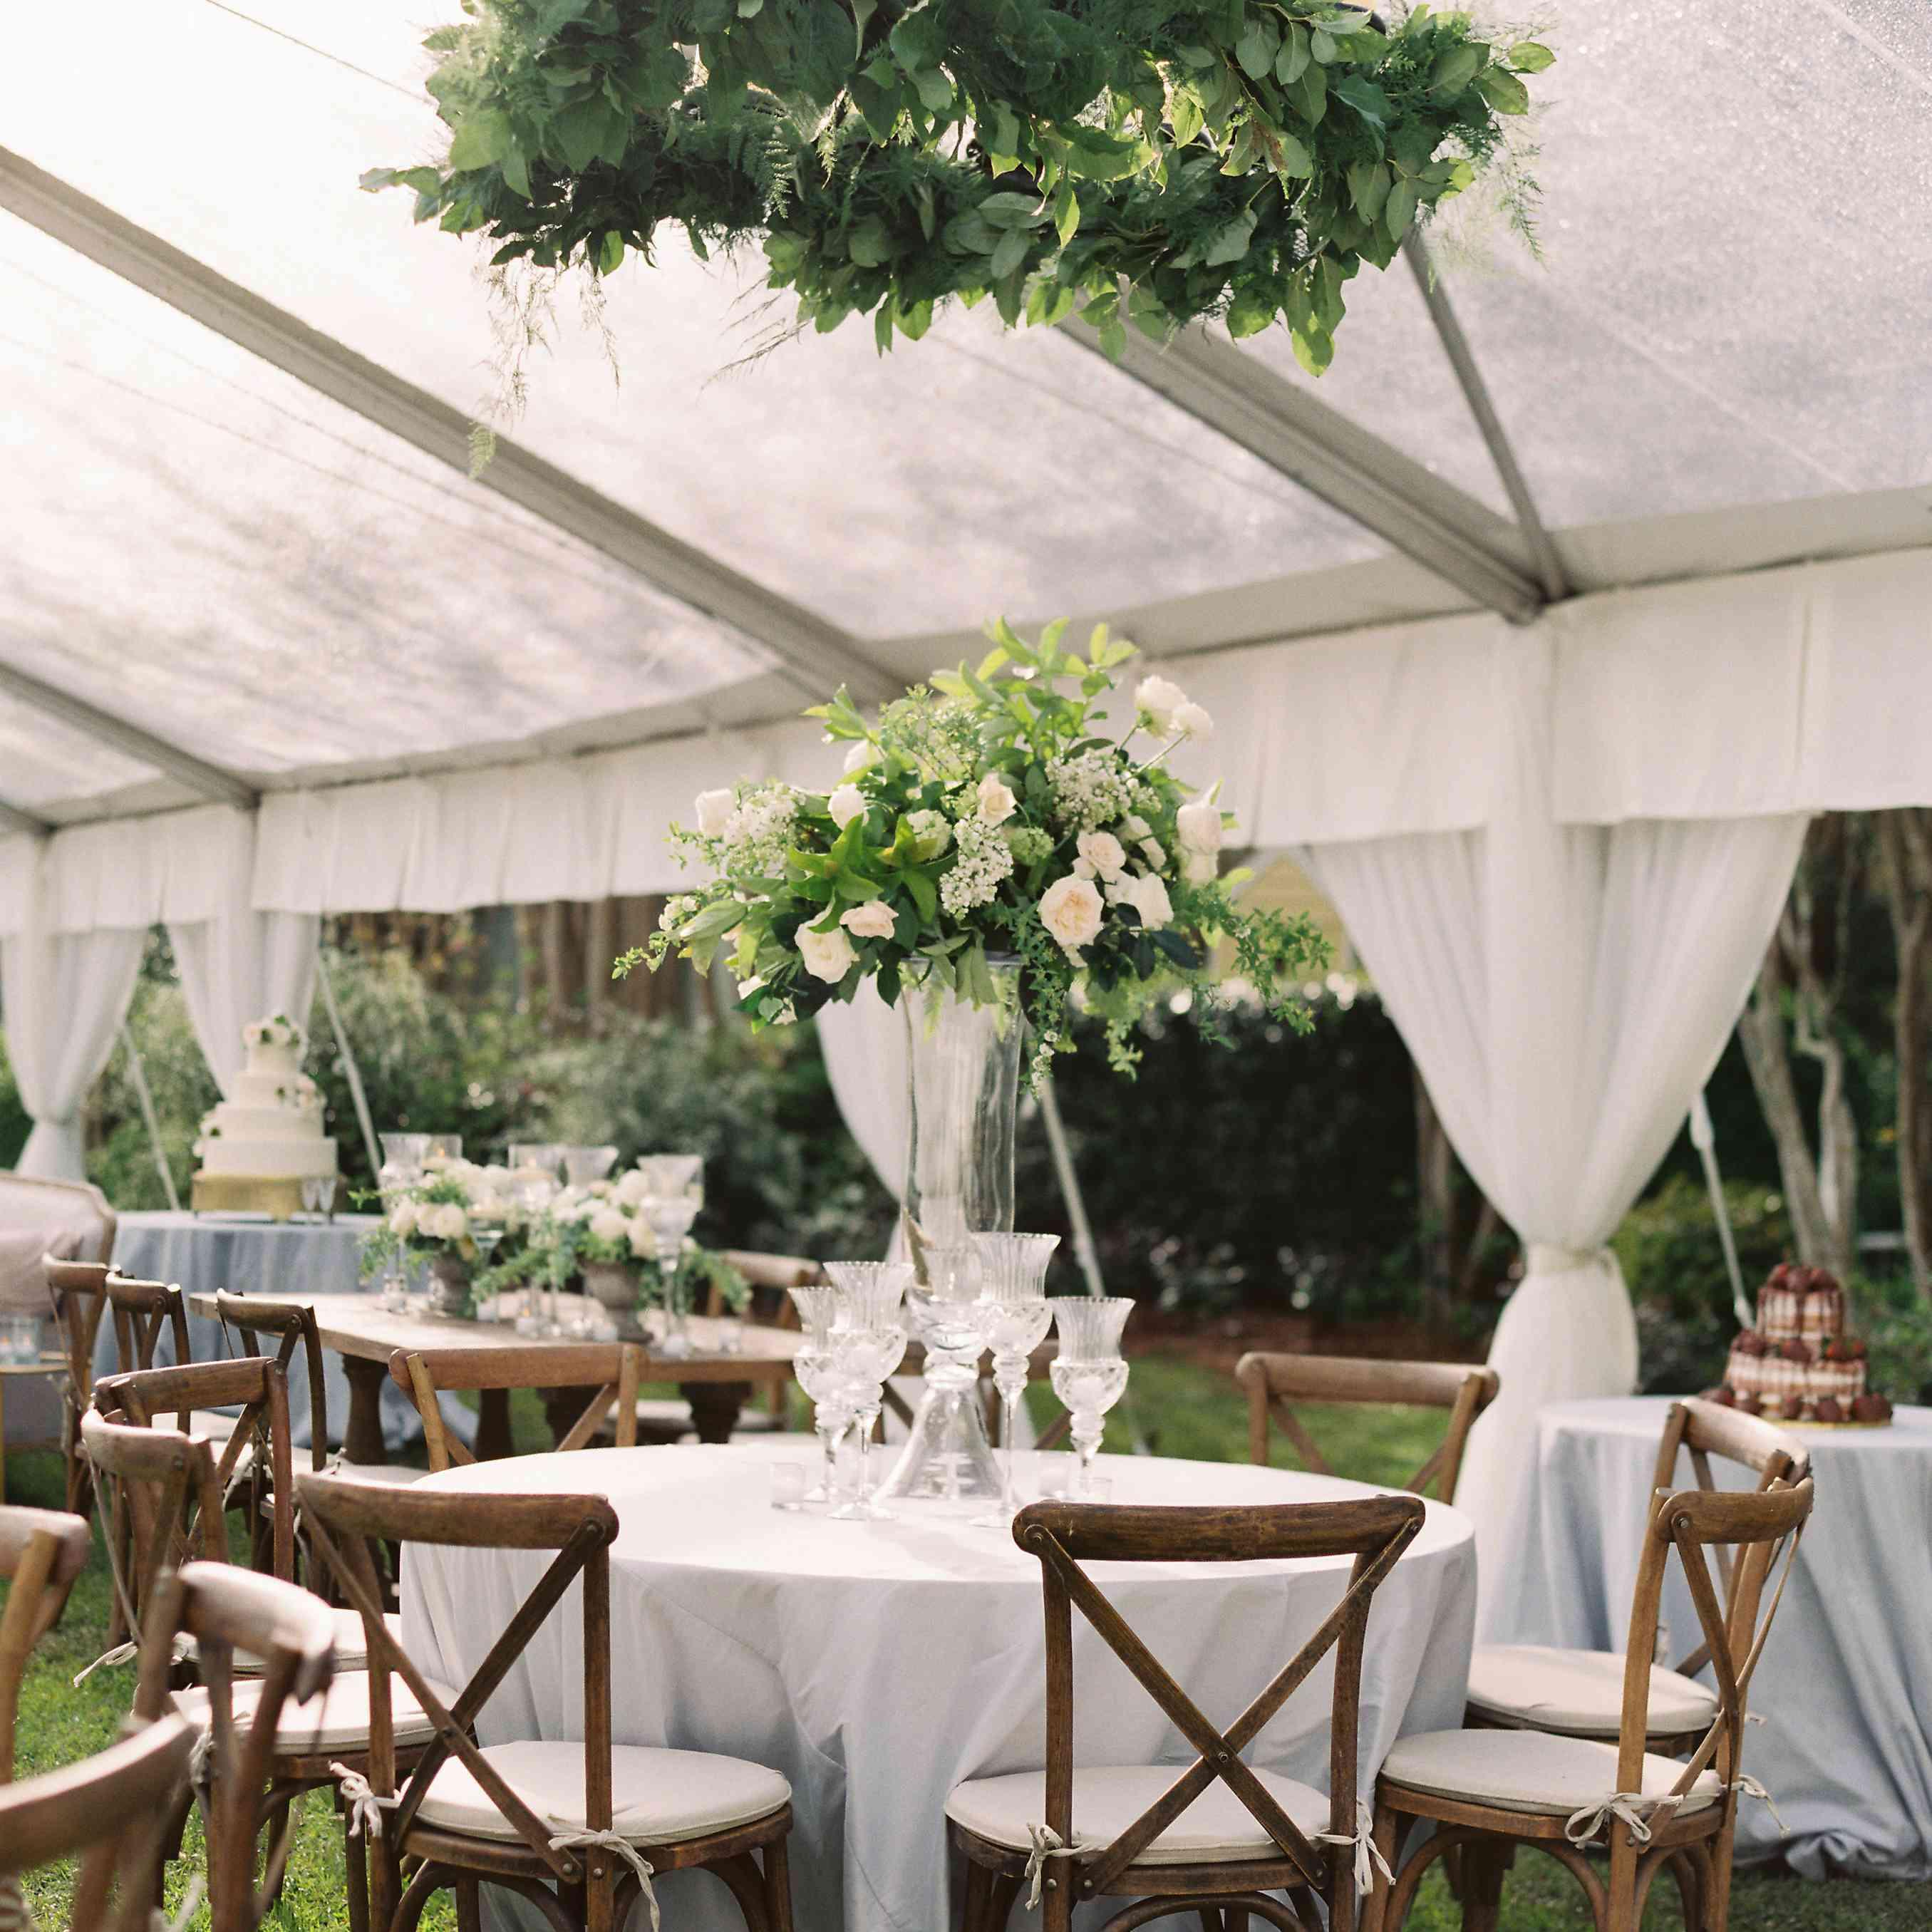 18 Fall Wedding Decor Ideas for Your Head Table